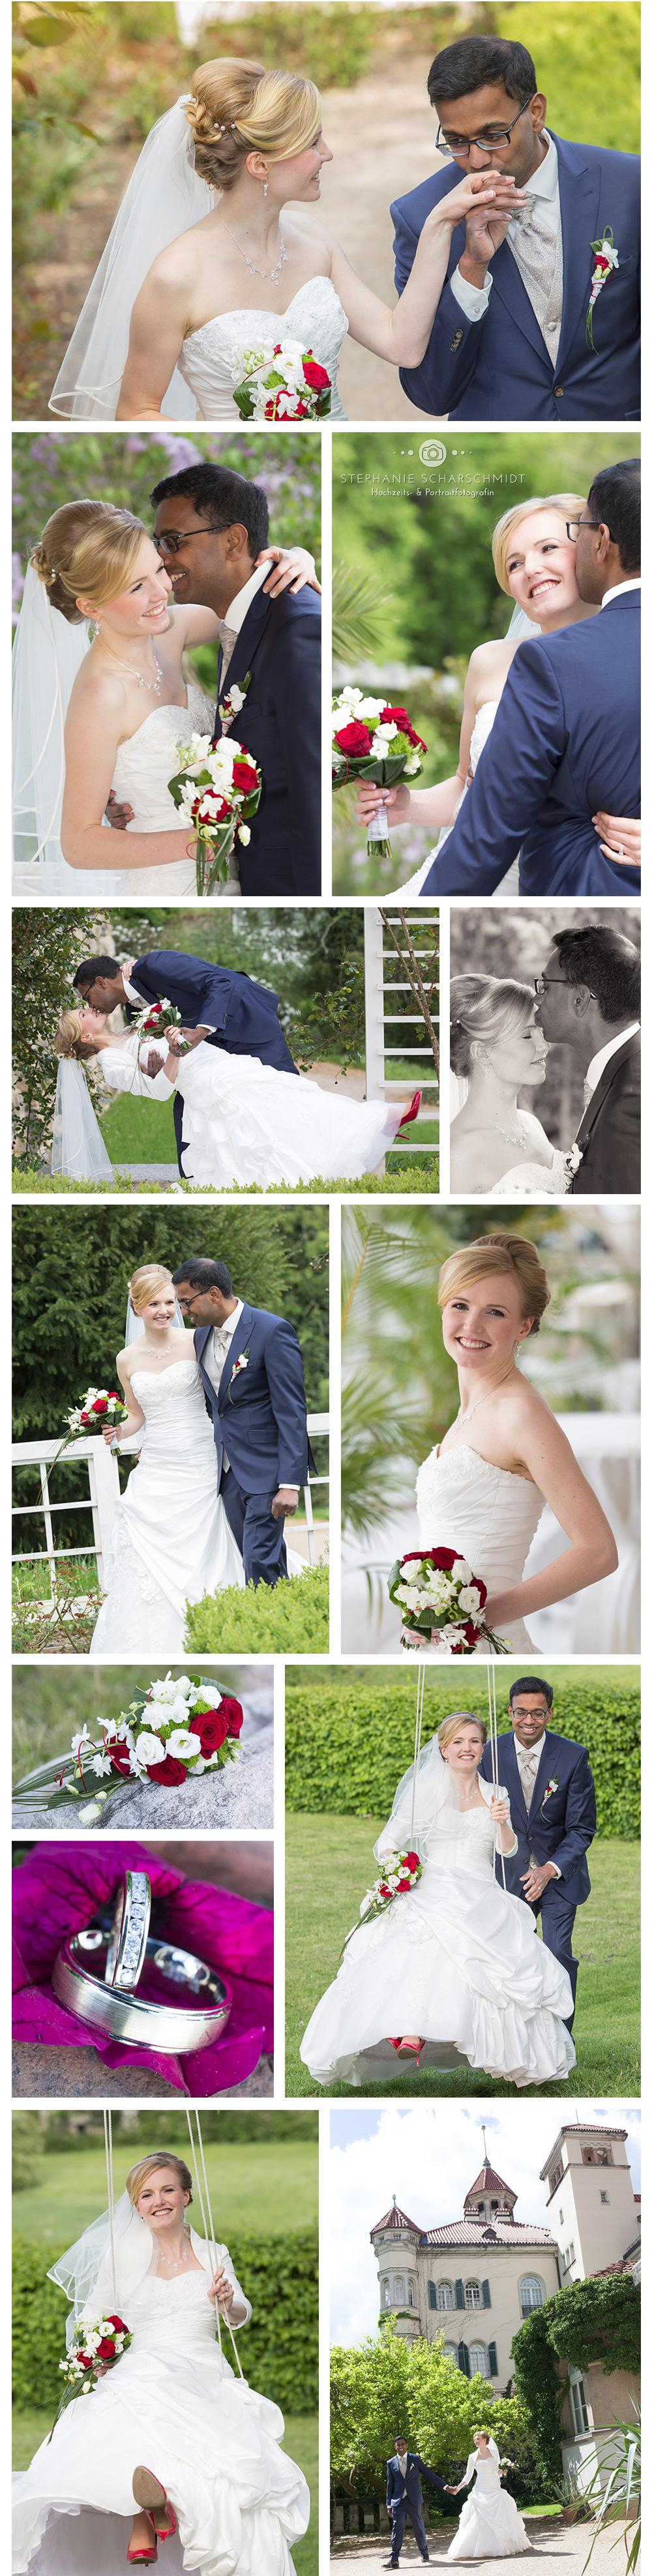 4 Schloss Waldenburg , englischsprachiger Hochzeitsfotograf -internationale Hochzeit in Sachsen